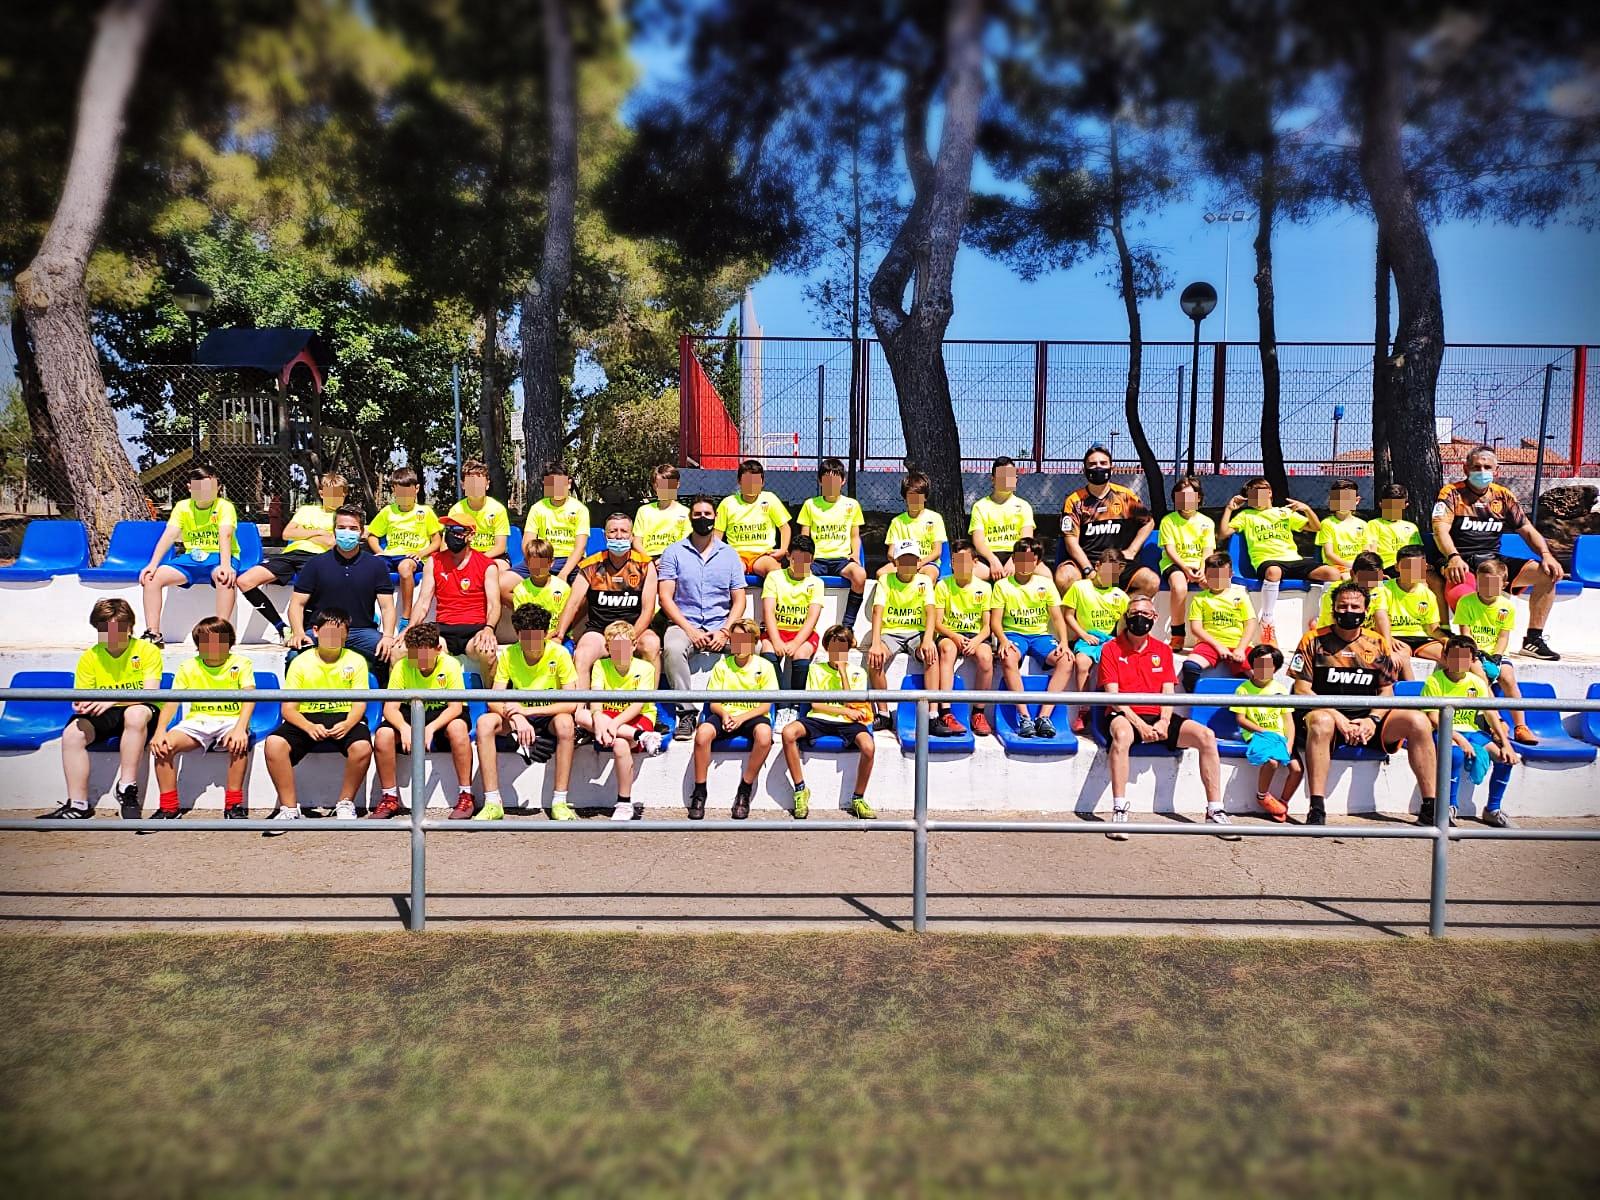 Loriguilla inaugura el Campus de Fútbol de Verano para los más jóvenes